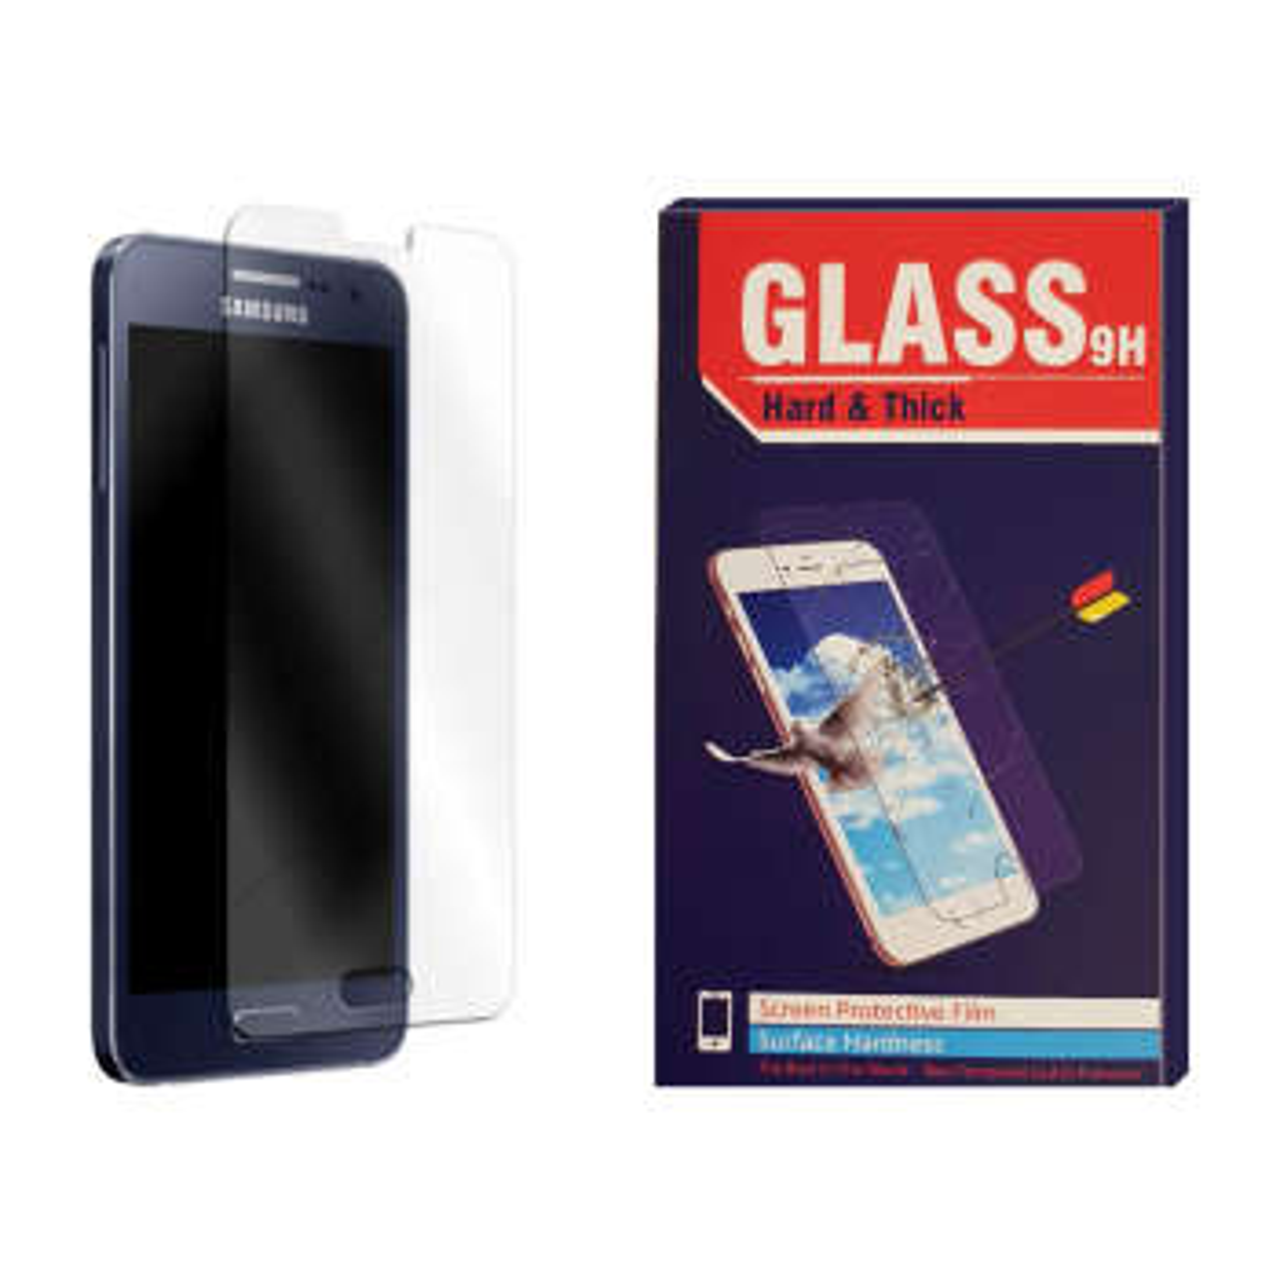 محافظ صفحه نمایش Hard and thick مدل F-001 مناسب برای گوشی موبایل سامسونگ Galaxy A5 2015